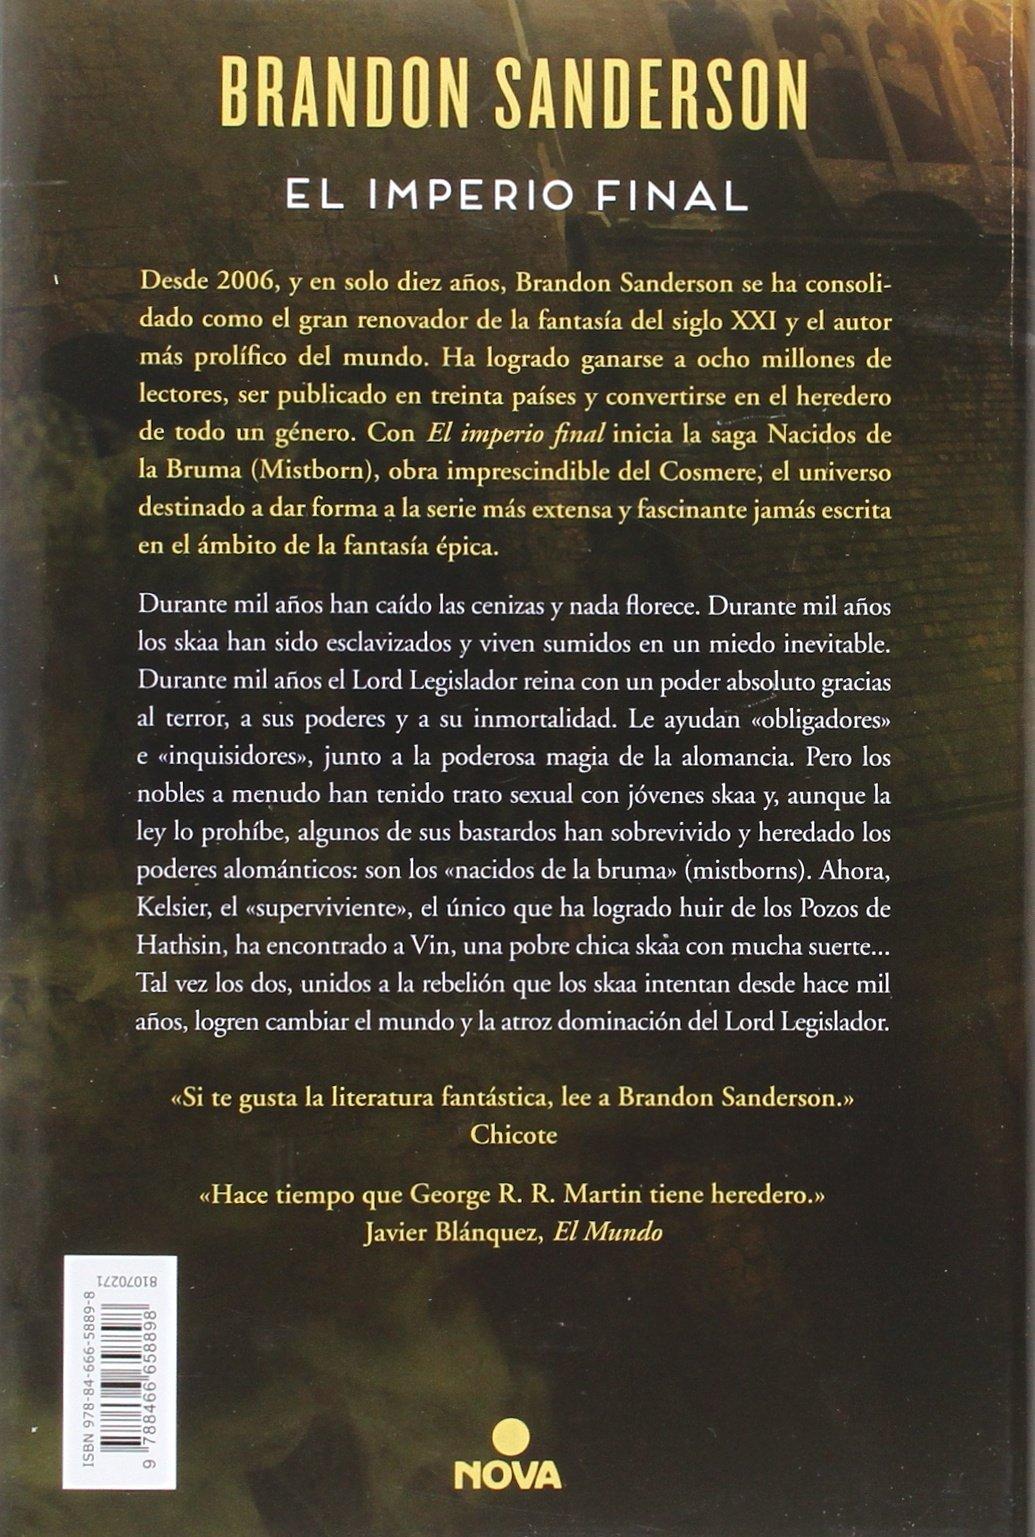 El imperio final (Nacidos de la bruma [Mistborn] 1): Amazon.es: Brandon  Sanderson: Libros